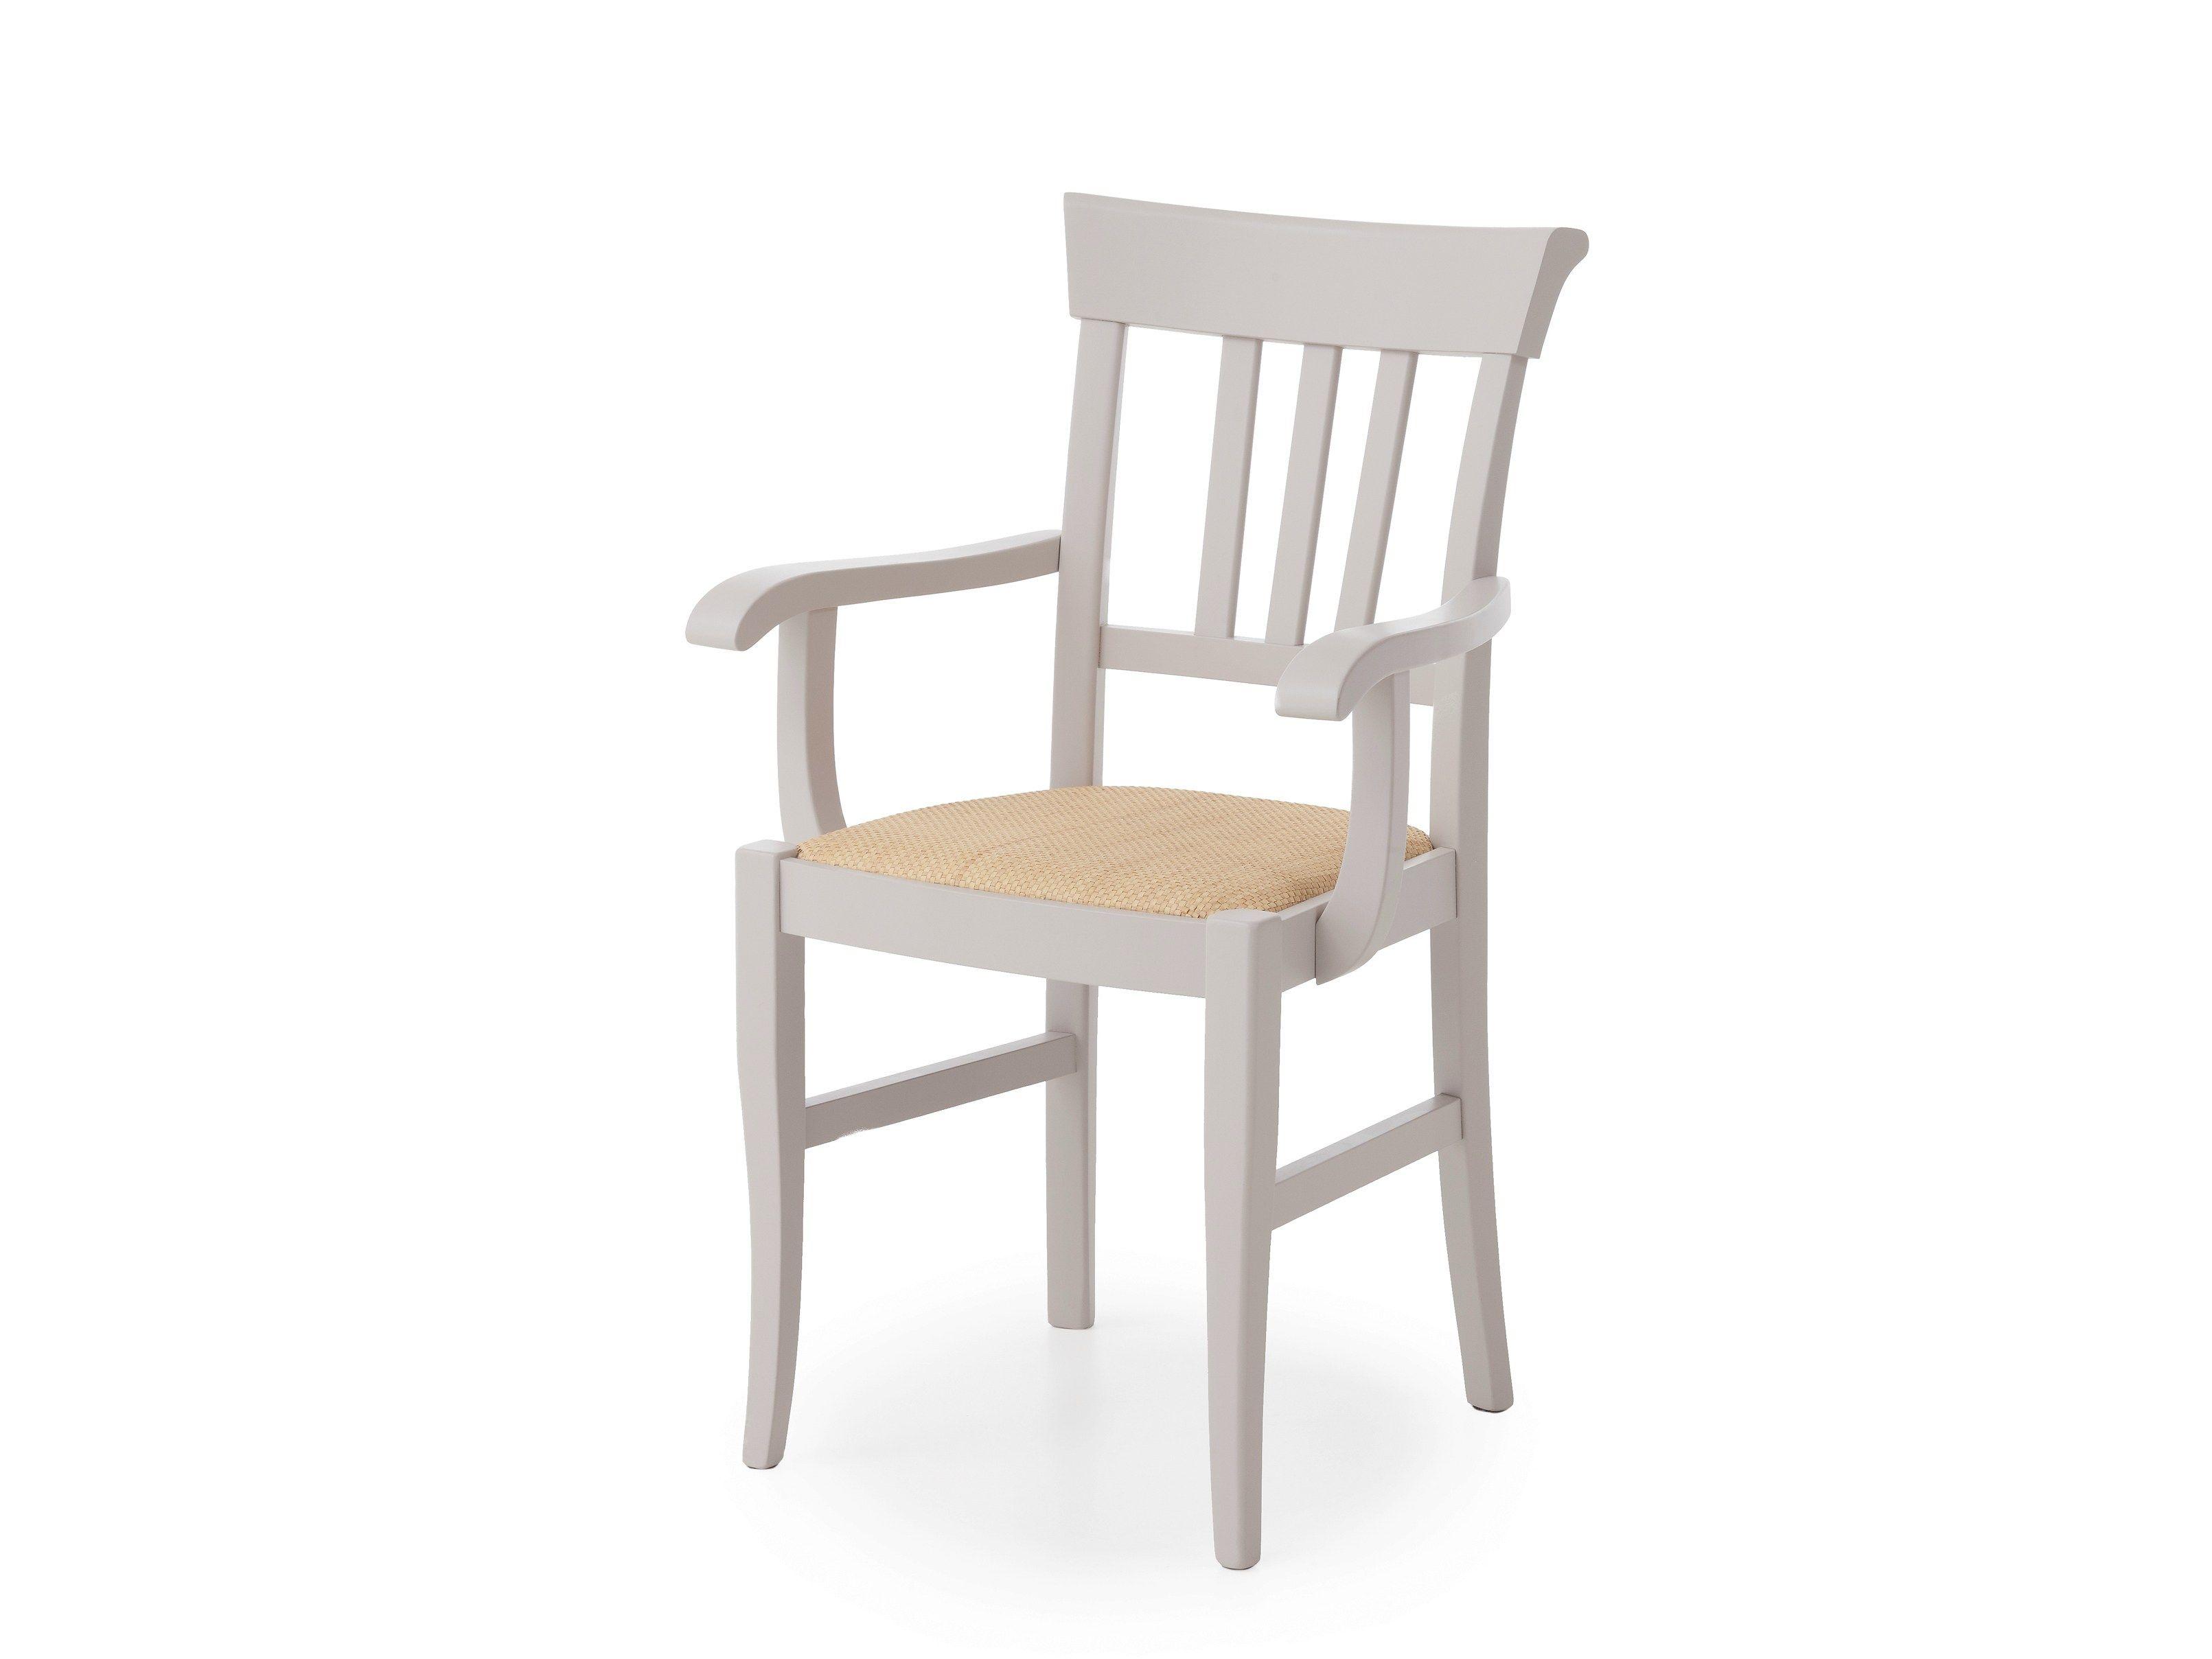 Sedie Di Legno Colorate Ikea.Sedia Regista Legno Ikea Best Ikea Tavoli E Sedie Cucina Gallery